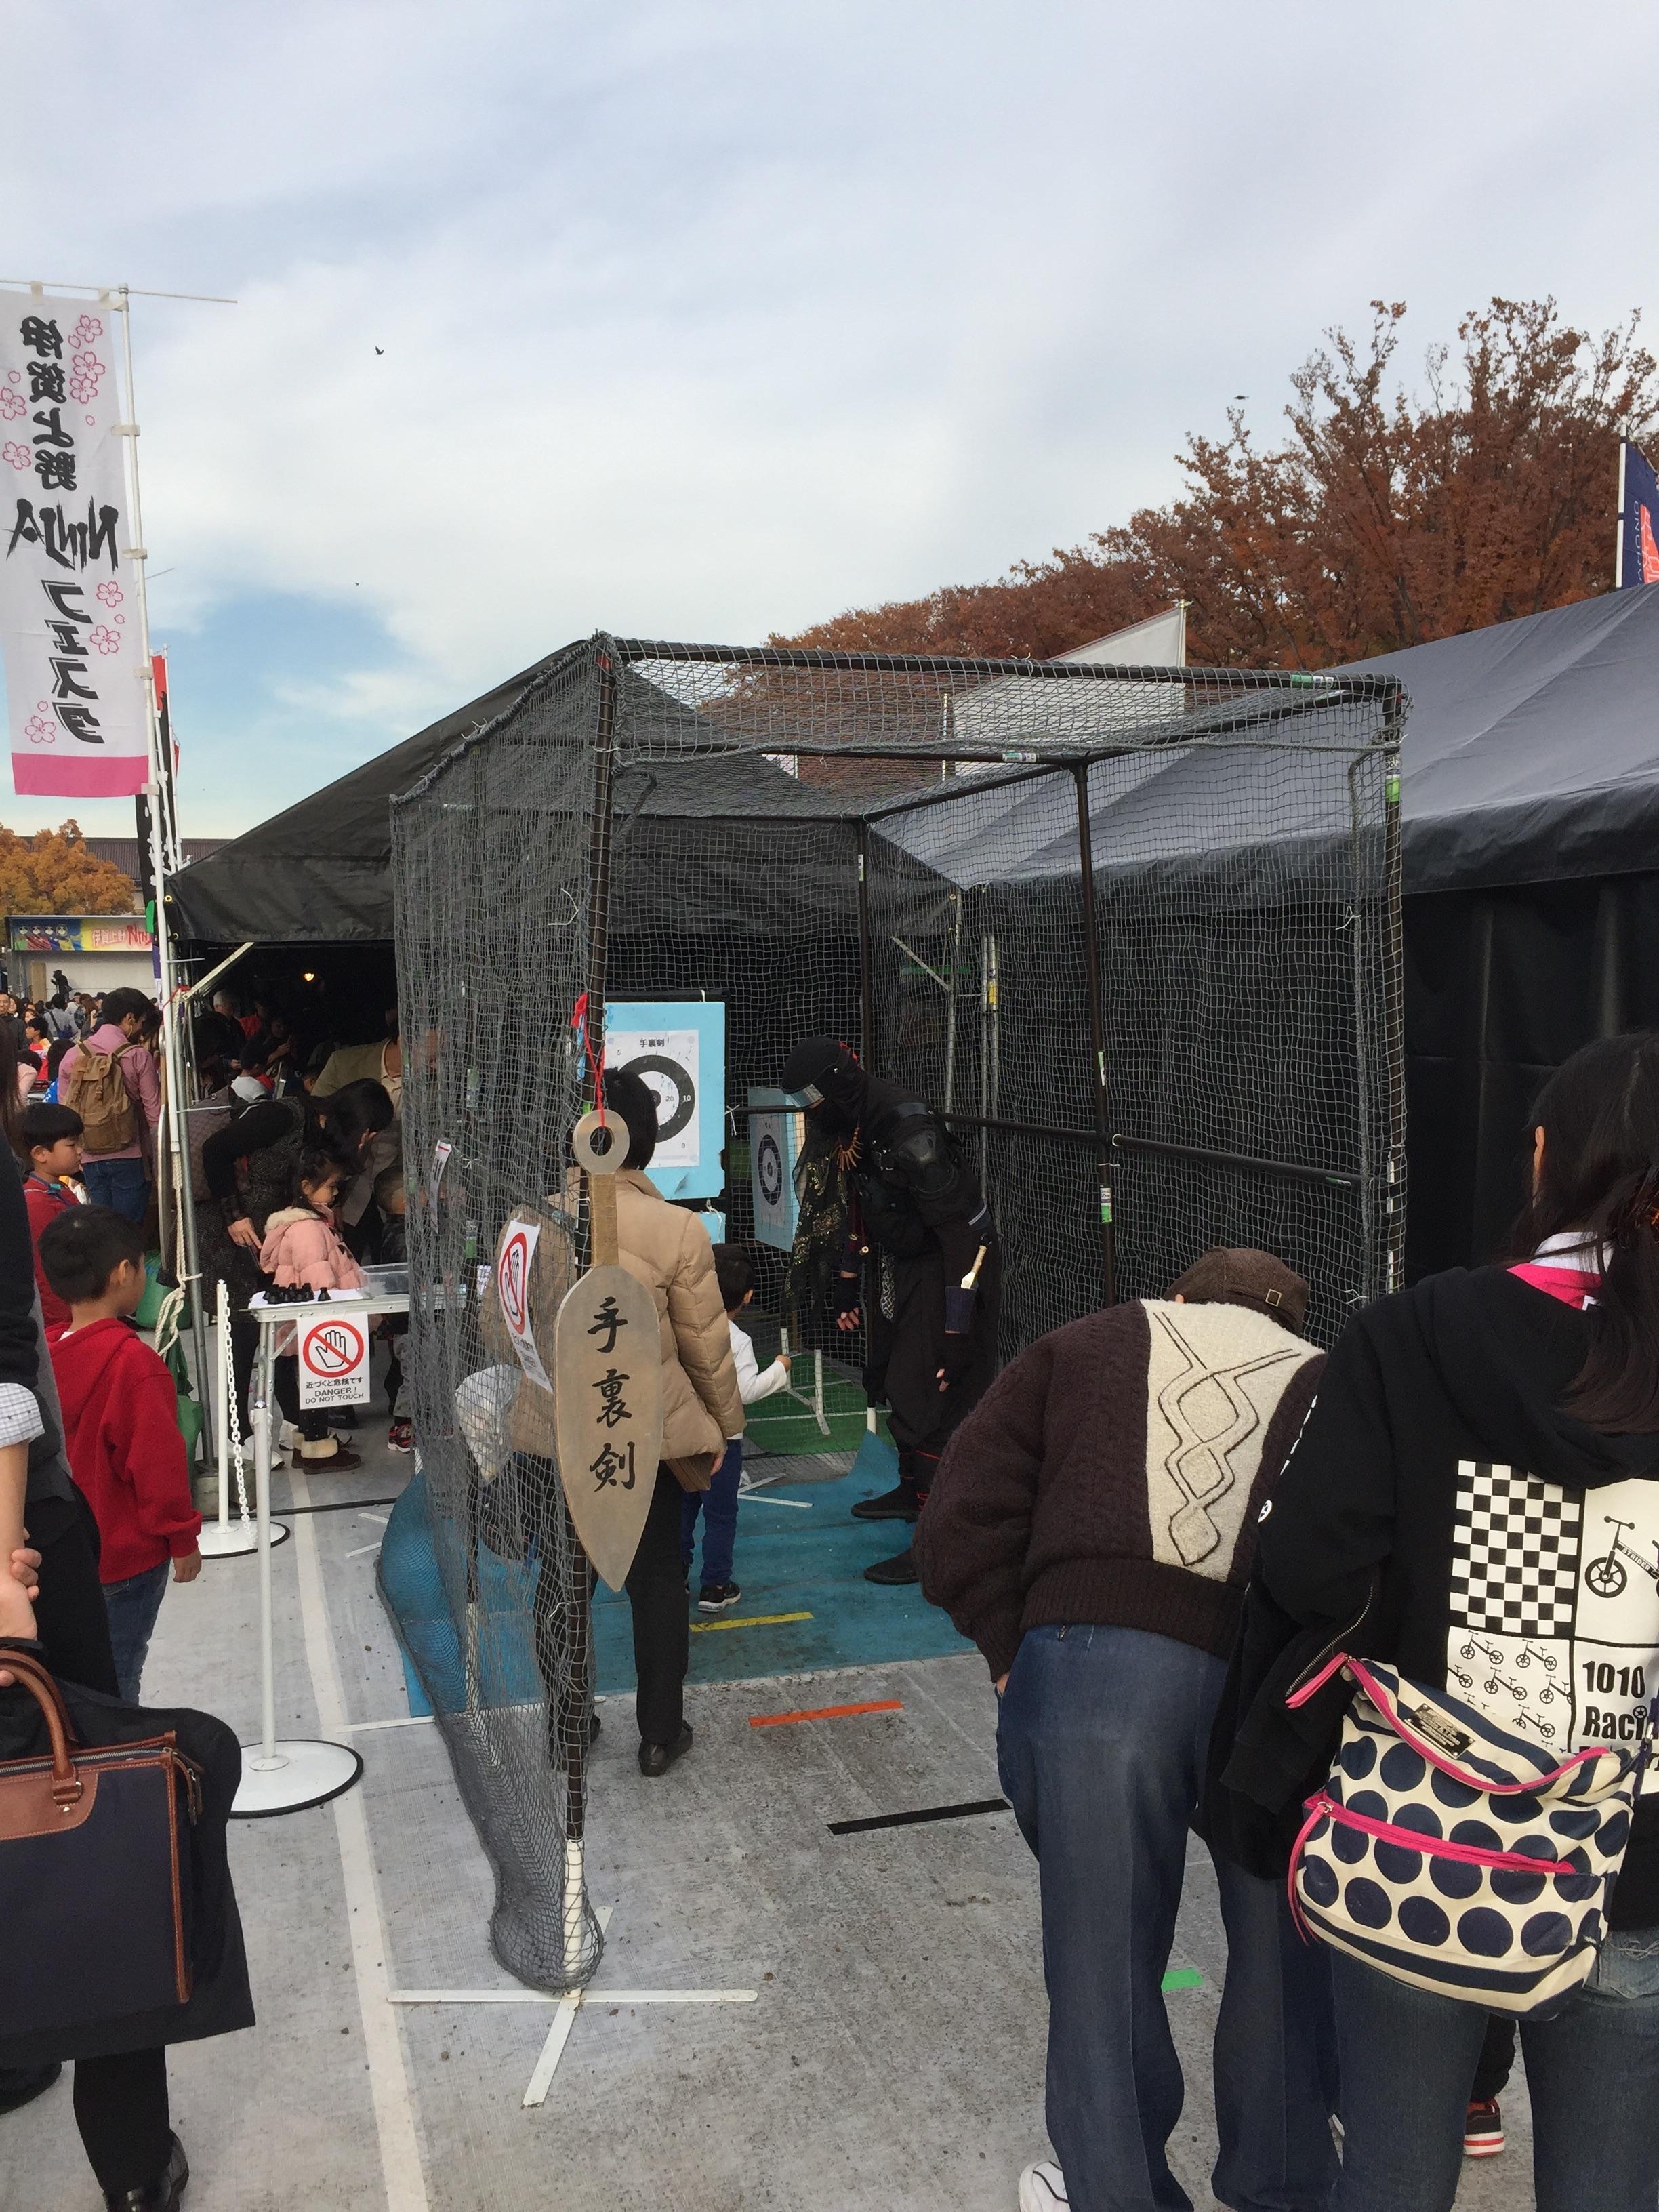 f:id:irohanihoheto-shinobi1105:20161124130824j:image